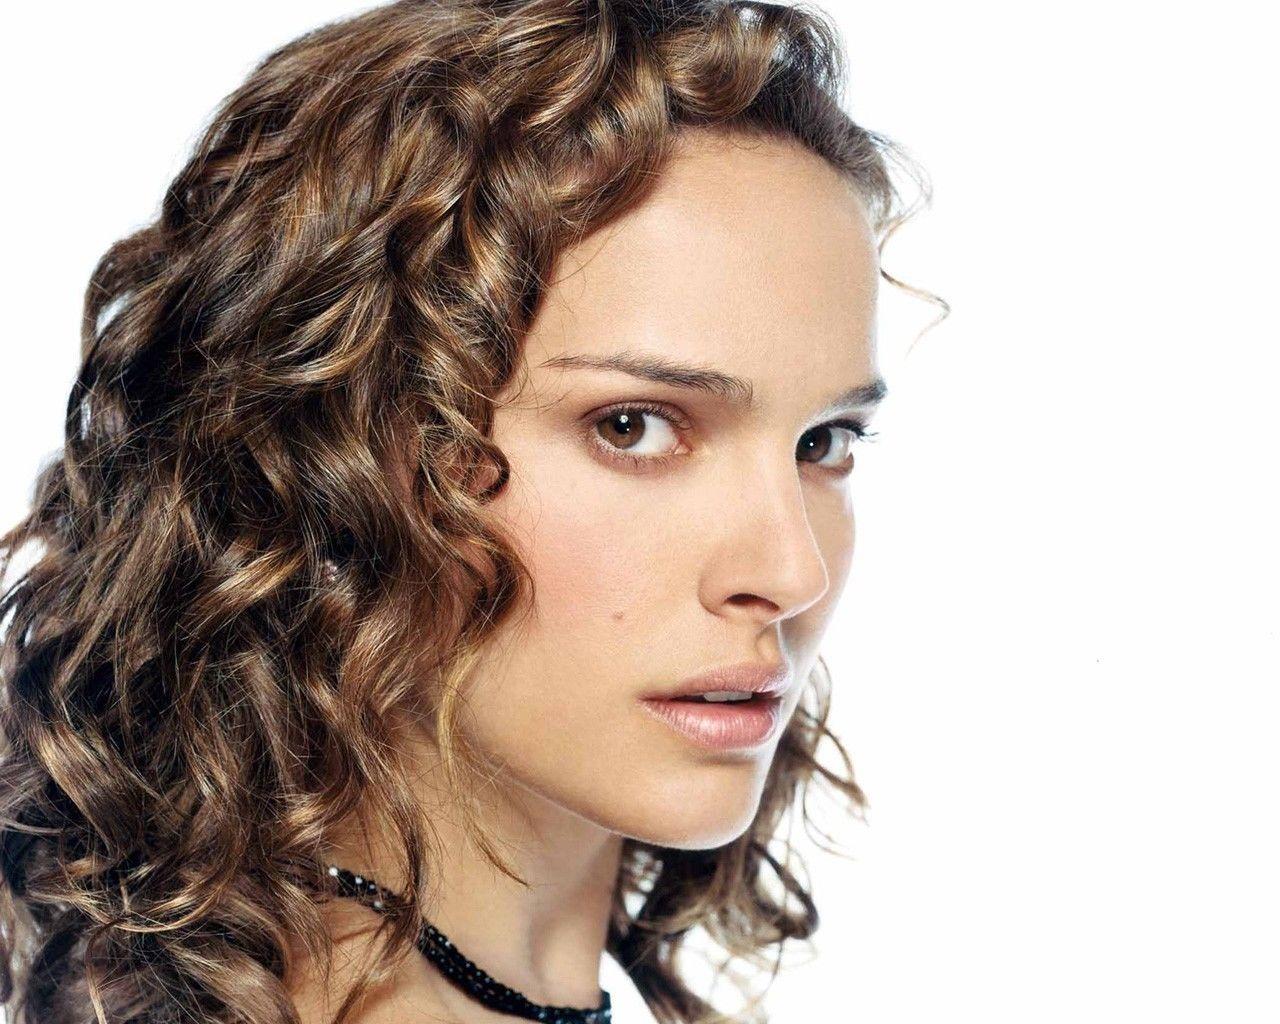 Le origini Figlia unica Natalie Portman nasce a Gerusalemme il 9 giugno 1981 da Avner Hershlag medico specialista della fertilità di origine polacca e moldava e